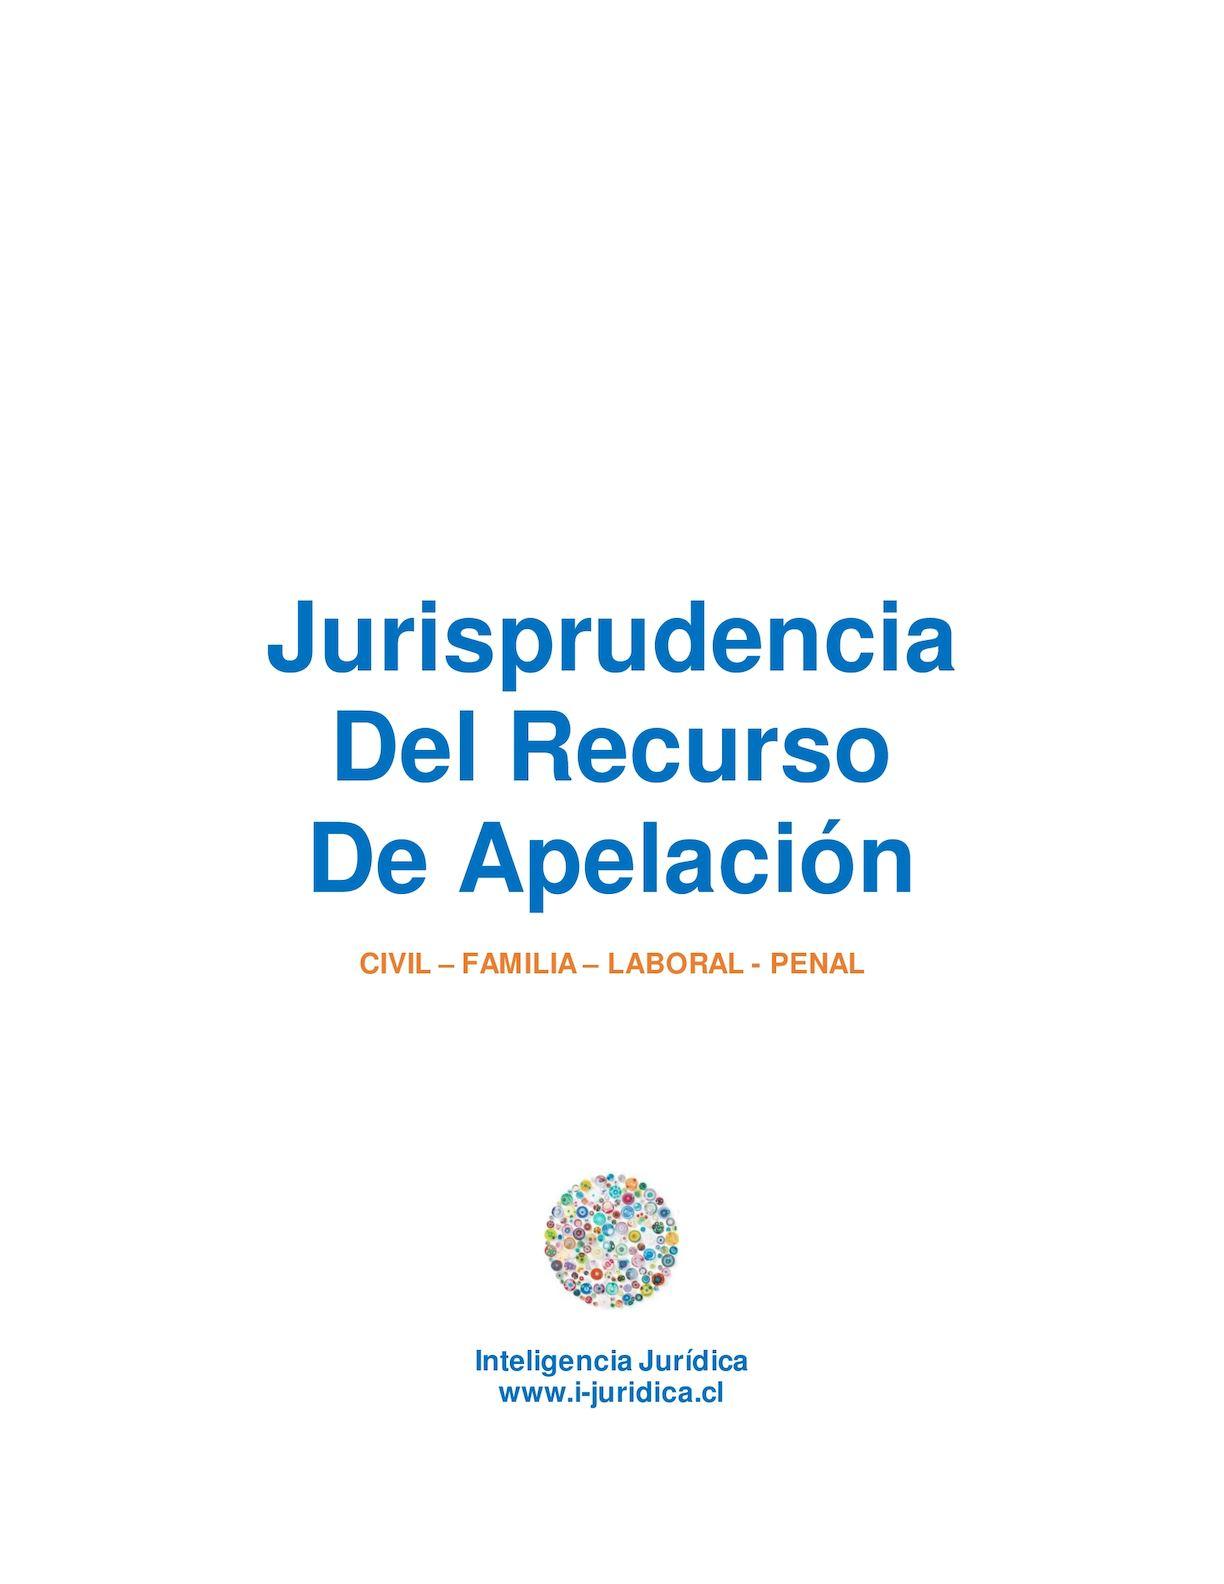 Jurisprudencia Recurso De Apelación